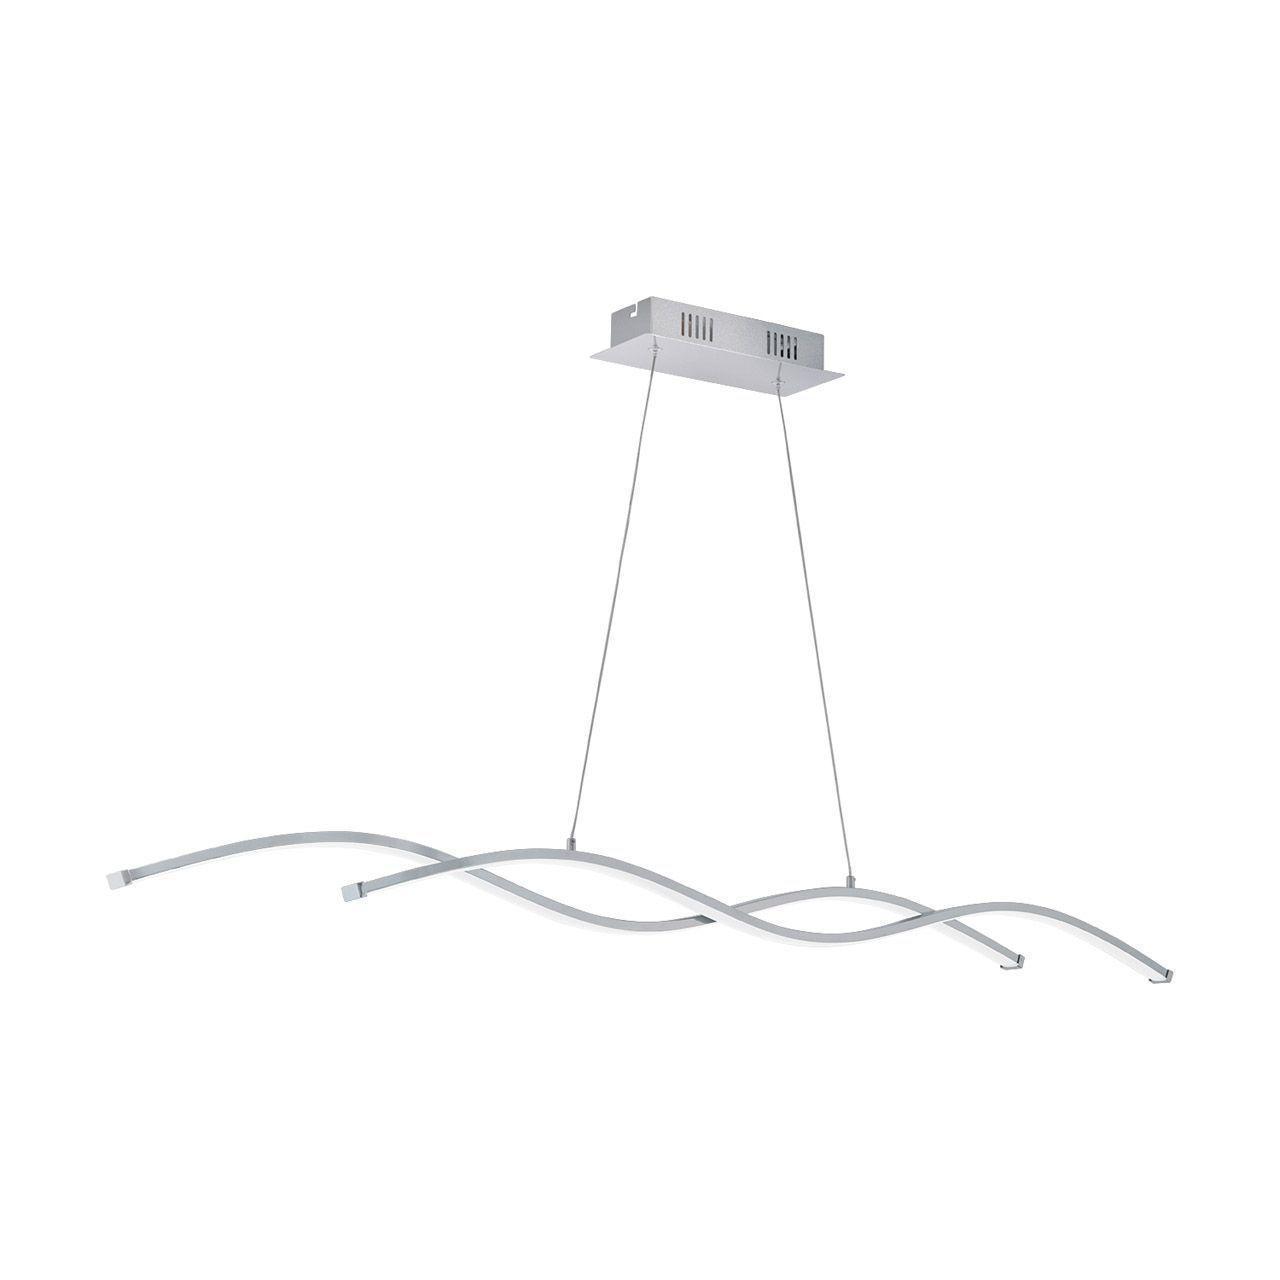 Подвесной светодиодный светильник Eglo Lasana 2 96104 eglo подвесной светильник lasana